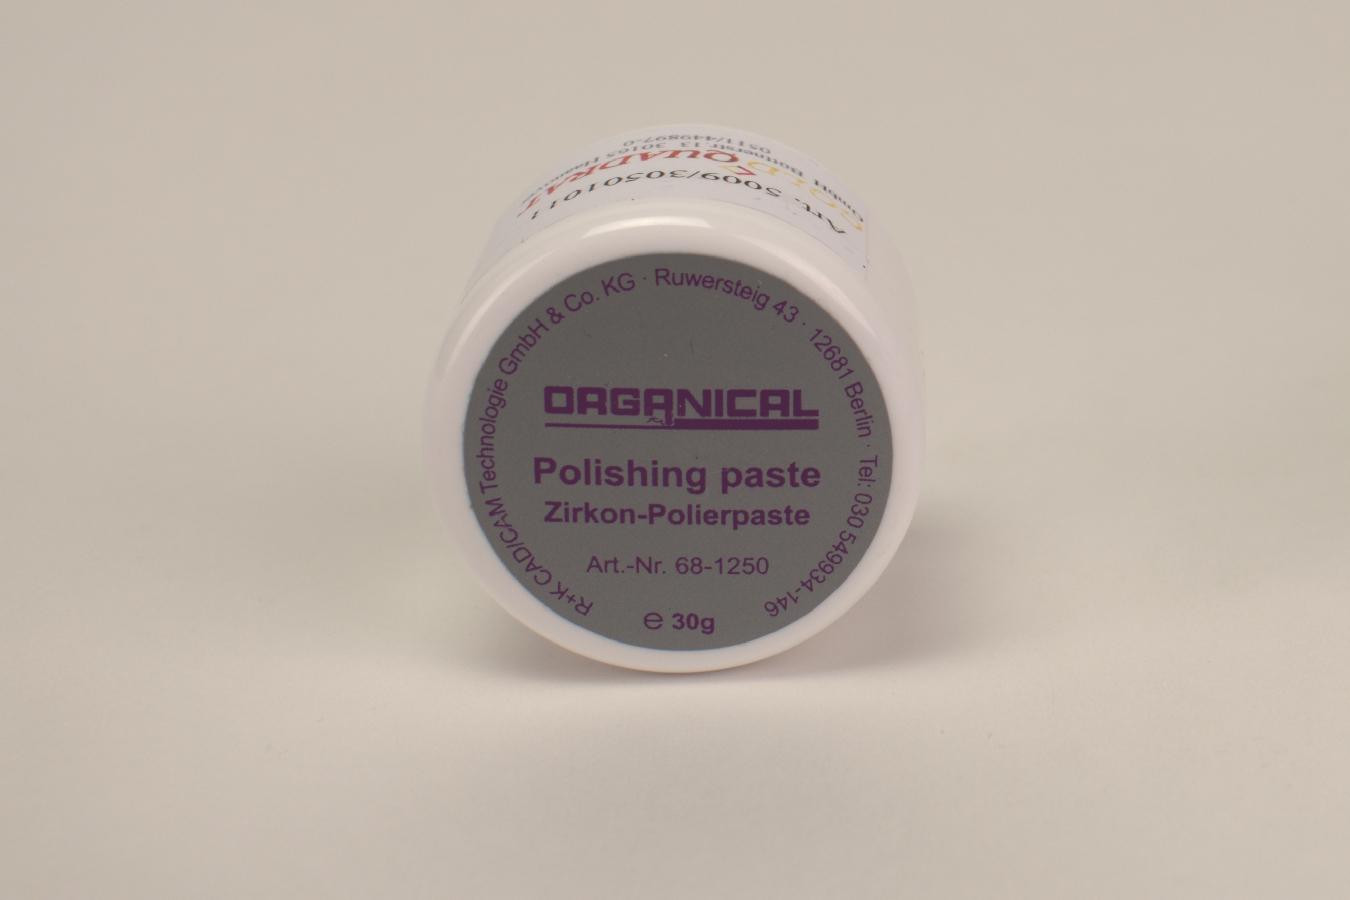 Organical Zirkon Polierpaste 30g Dose für dental Praxen